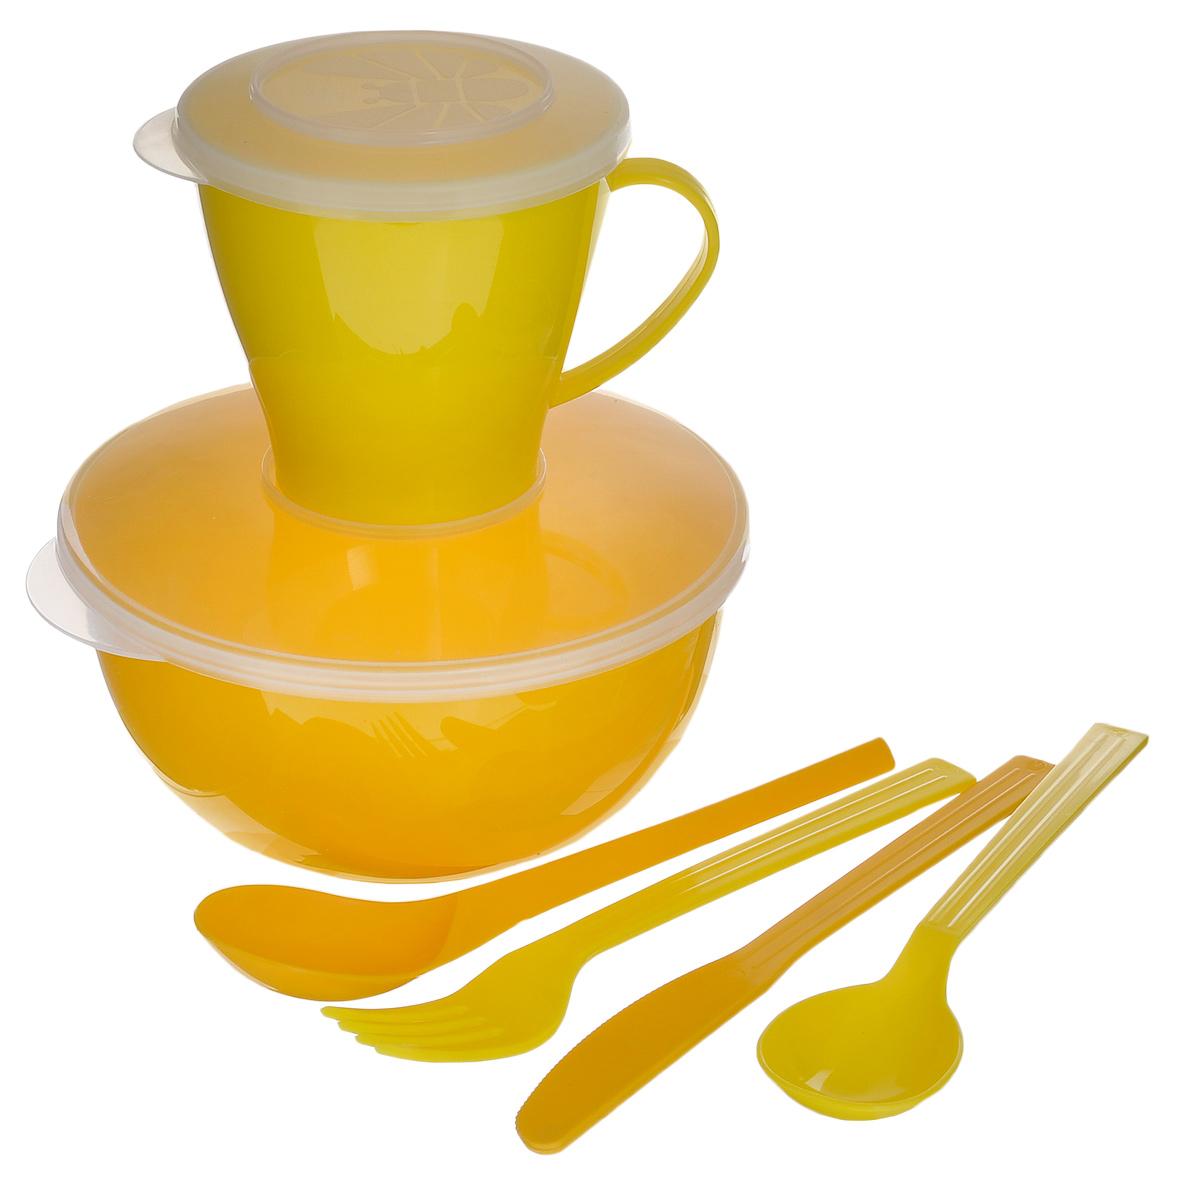 Набор посуды Solaris Походный, цвет: желтый, на 1 персонуS1105Компактный минималистичный набор посуды Solaris Походный из качественного полипропилена, в удобной виниловой сумке с ручкой и молнией. Свойства посуды: Посуда из ударопрочного пищевого полипропилена предназначена для многократного использования. Легкая, прочная и износостойкая, экологически чистая, эта посуда работает в диапазоне температур от -25°С до +110°С. Можно мыть в посудомоечной машине. Эта посуда также обеспечивает: Хранение горячих и холодных пищевых продуктов; Разогрев продуктов в микроволновой печи; Приготовление пищи в микроволновой печи на пару (пароварка); Хранение продуктов в холодильной и морозильной камере; Кипячение воды с помощью электрокипятильника. Состав набора: Миска с герметичной крышкой, 1 л; Чашка с герметичной крышкой, 0,36 л; Вилка; Ложка столовая; Нож; Ложка чайная. Диаметр миски: 15 см. Высота миски: 7,5 см. Диаметр чашки по верхнему краю: 9,1 см. ...